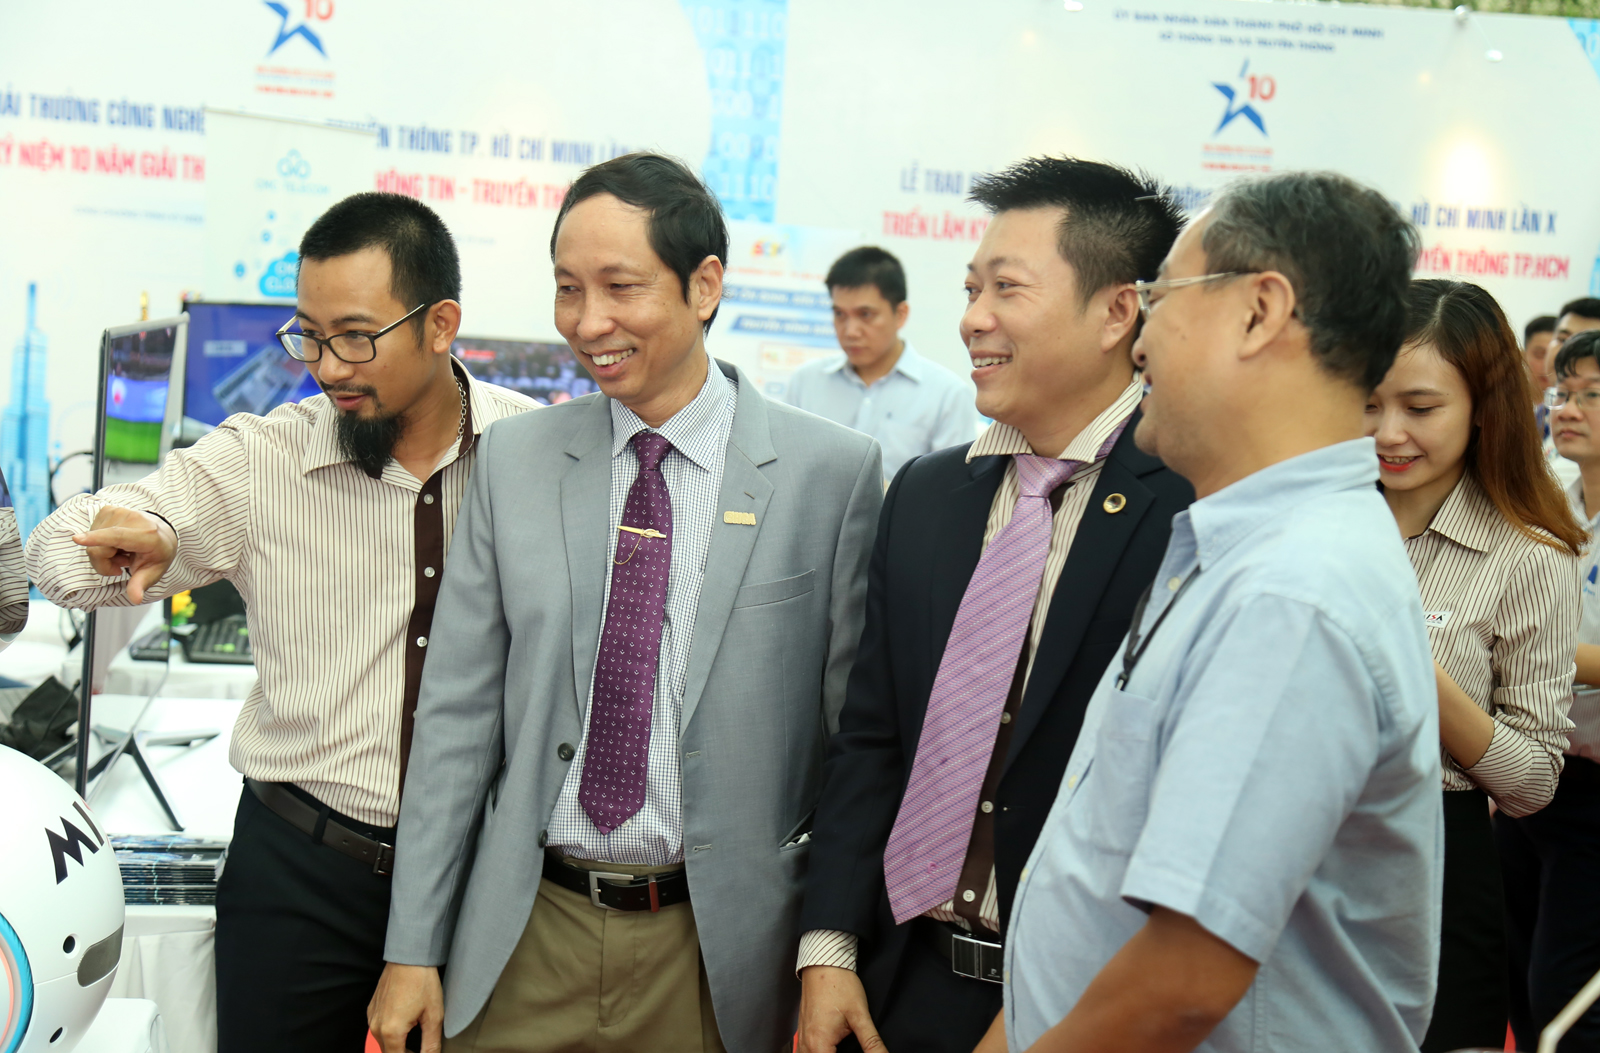 Ông Lữ Văn Tú - TP.HCTH hào hứng demo với sự quan tâm hứng thú của báo chí và quan khách tham dự